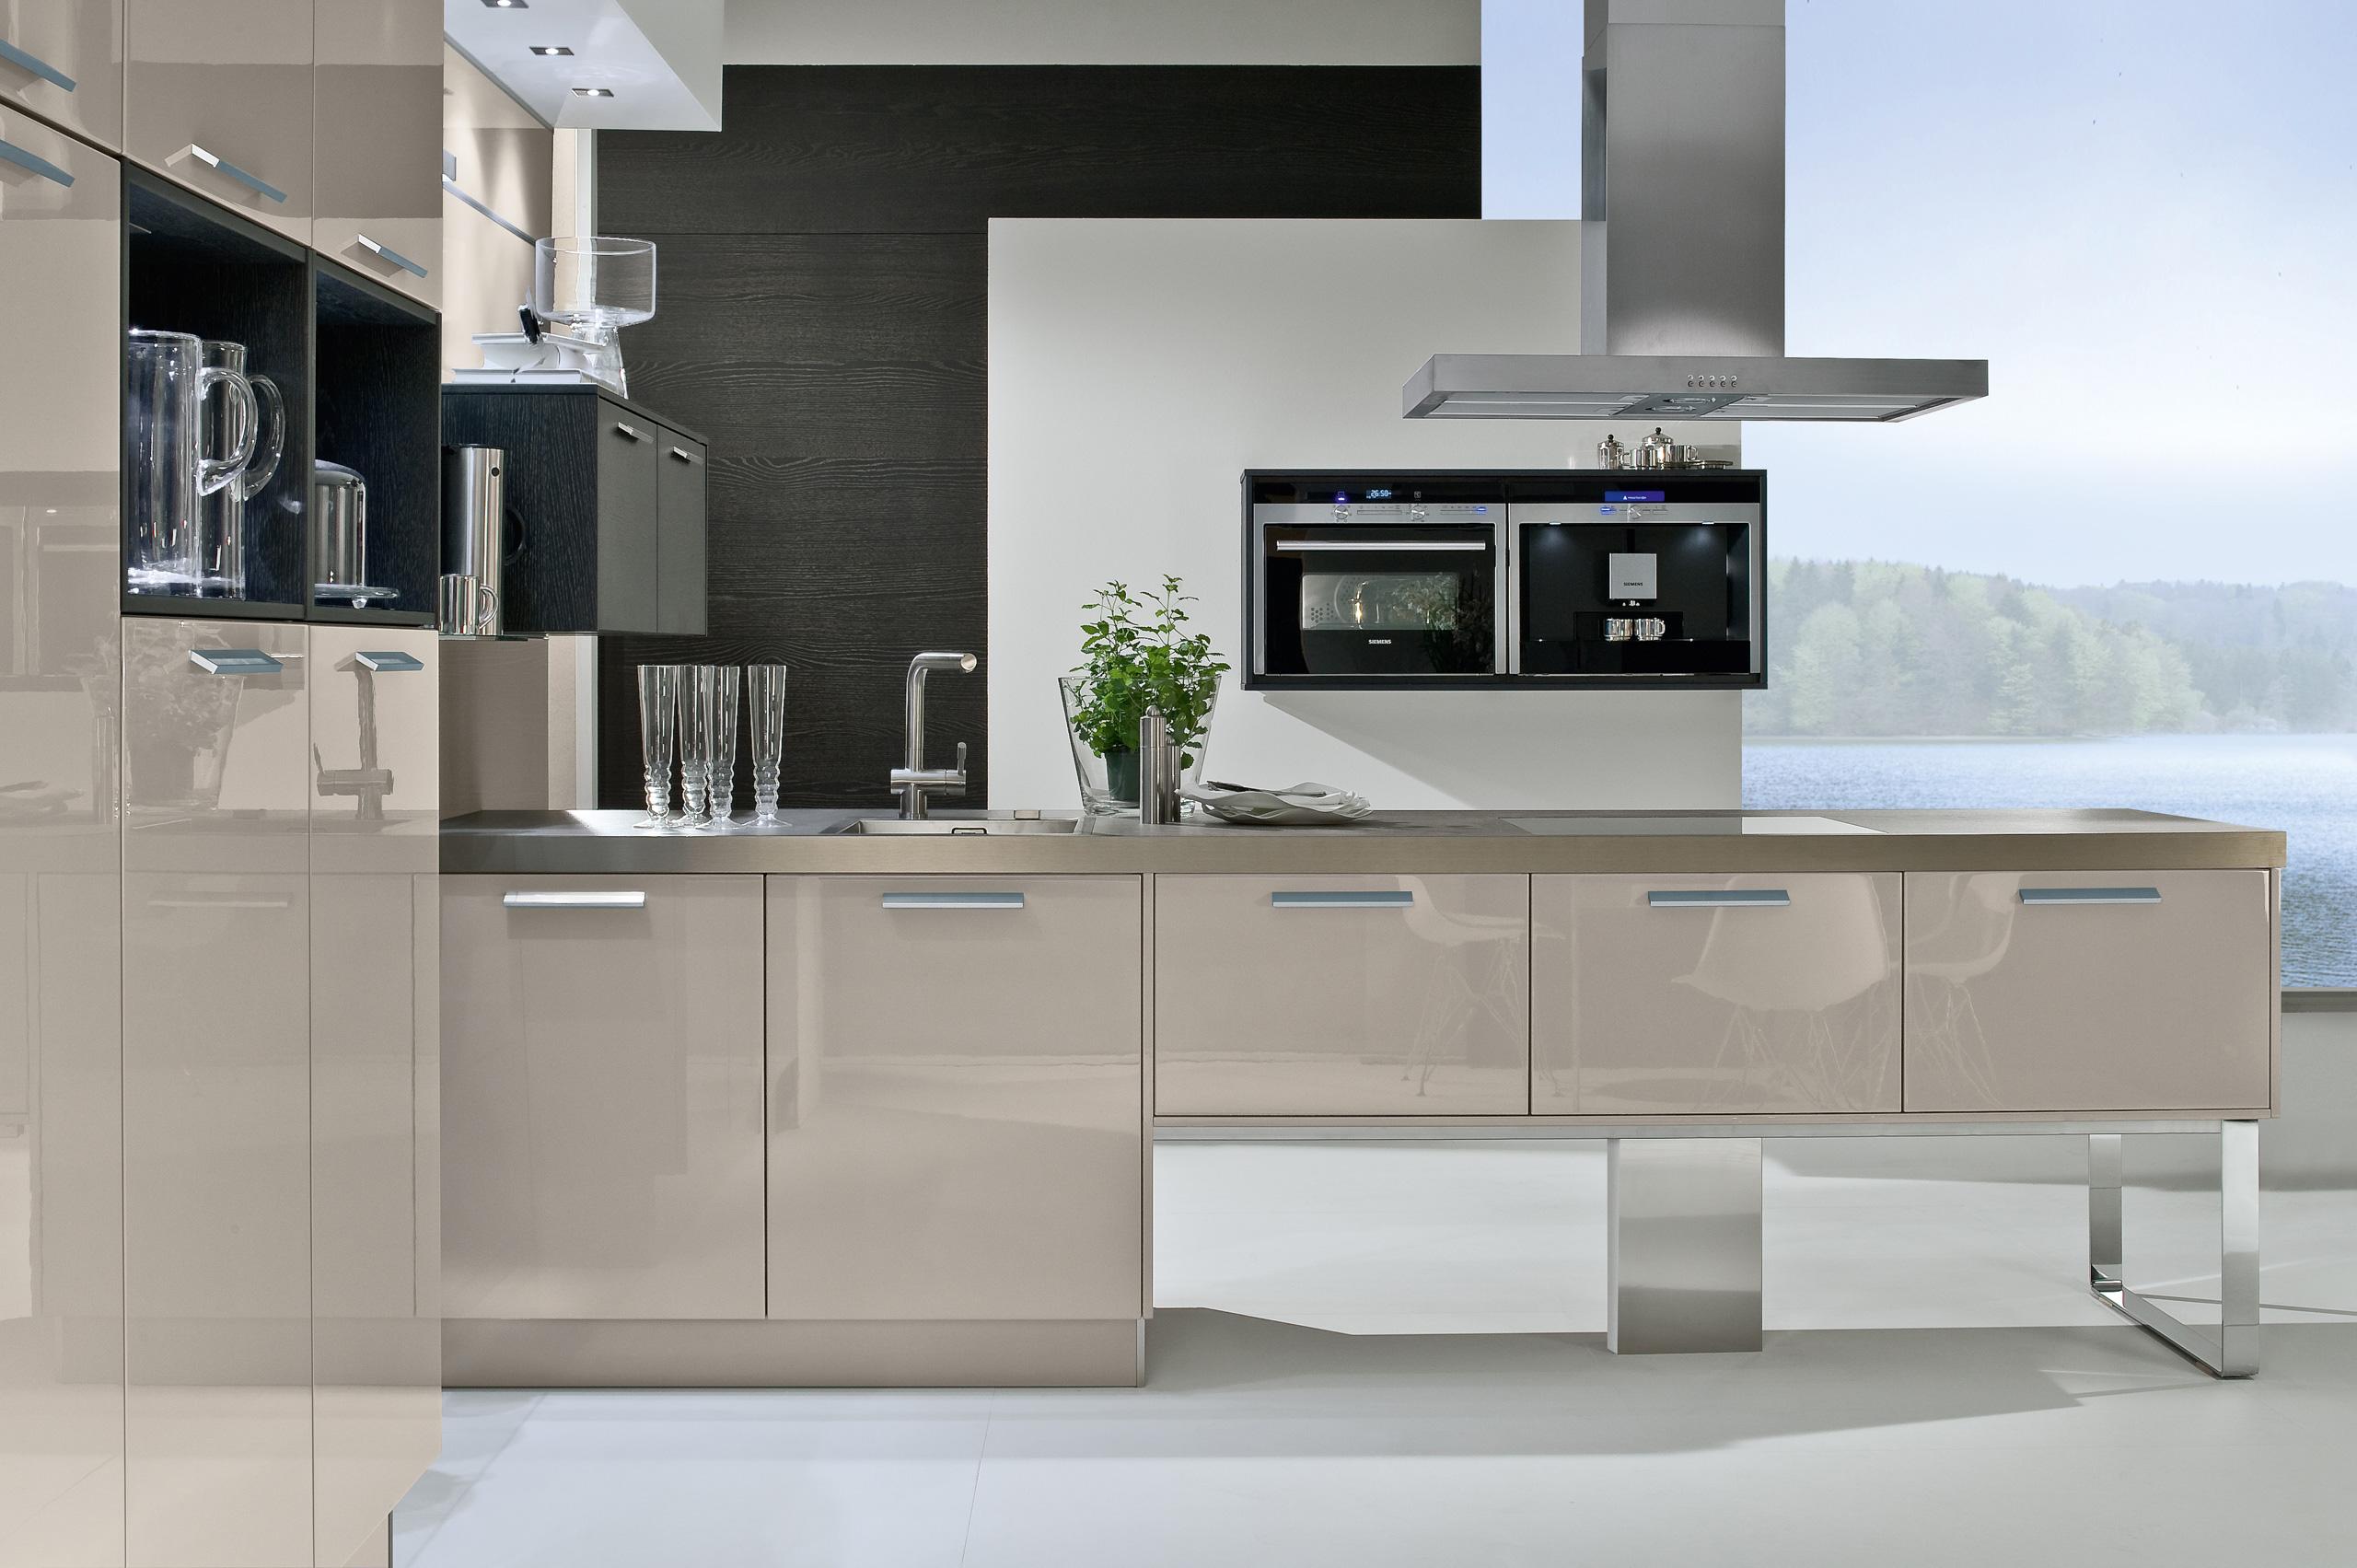 Full Size of Weiße Hochglanz Küche Ikea Kratzer Aus Hochglanz Küche Polieren Weiße Hochglanz Küche Graue Arbeitsplatte Hochglanz Küche Oder Matt Küche Hochglanz Küche